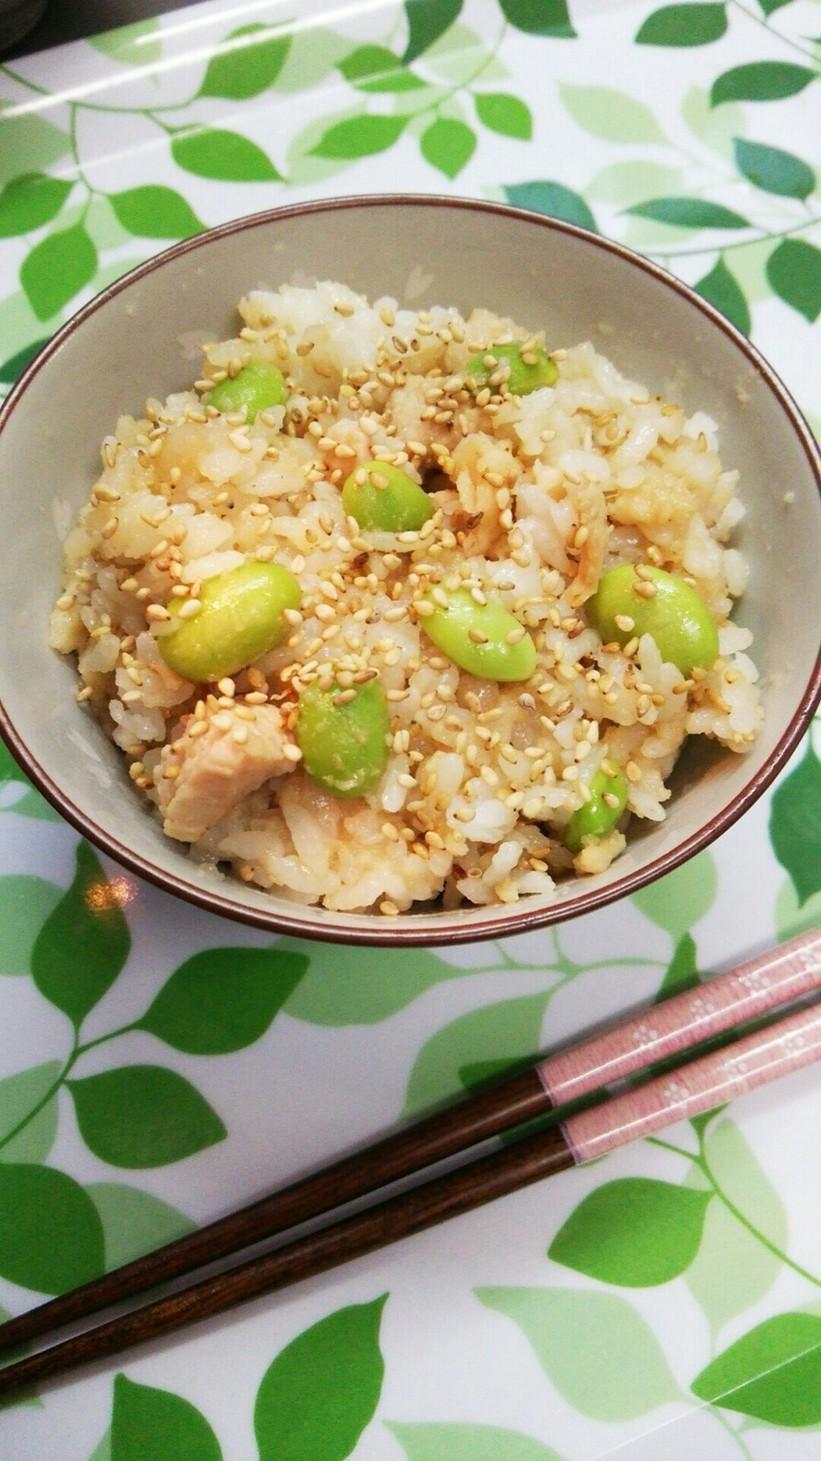 あまった天ぷらで簡単リメイク☆混ぜご飯